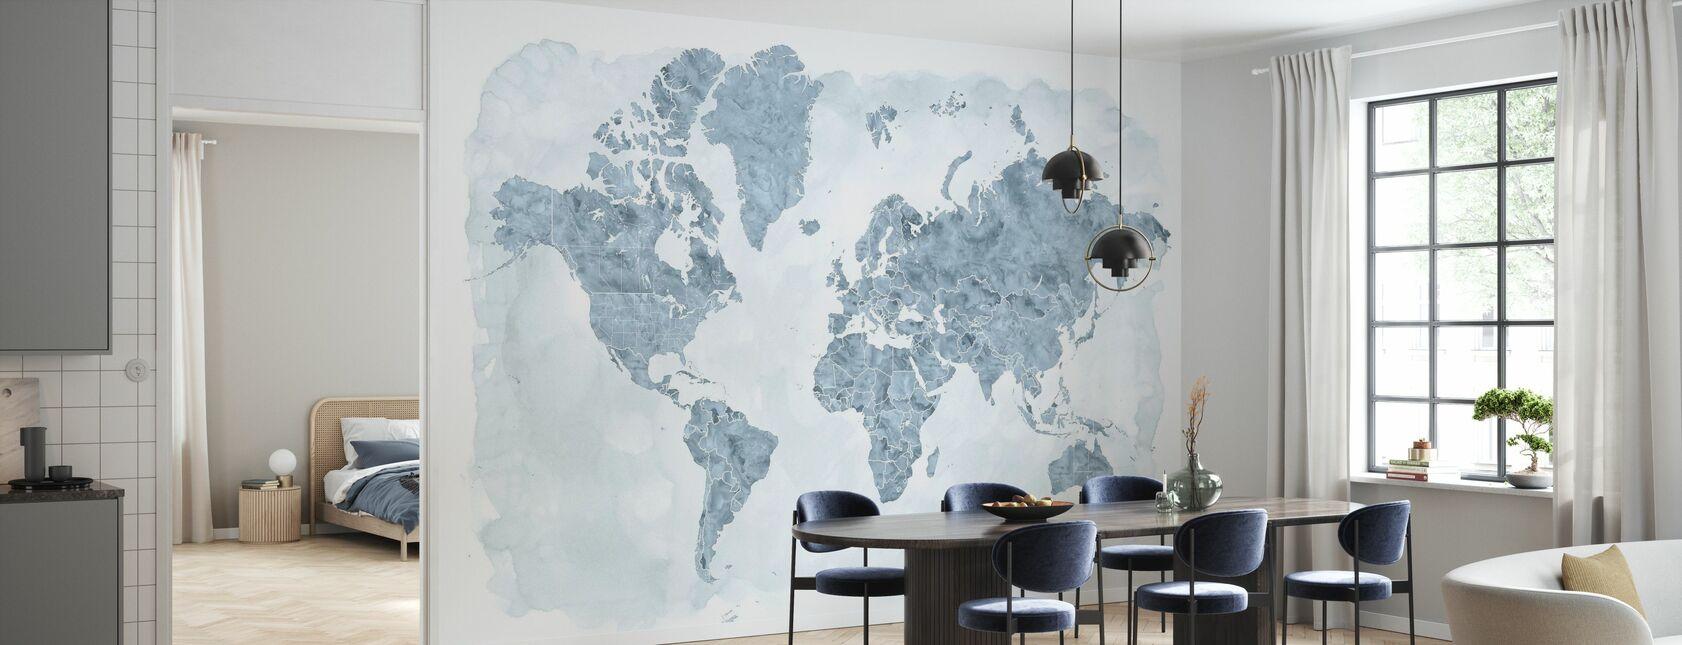 Mappa del mondo senza testo III - Carta da parati - Cucina